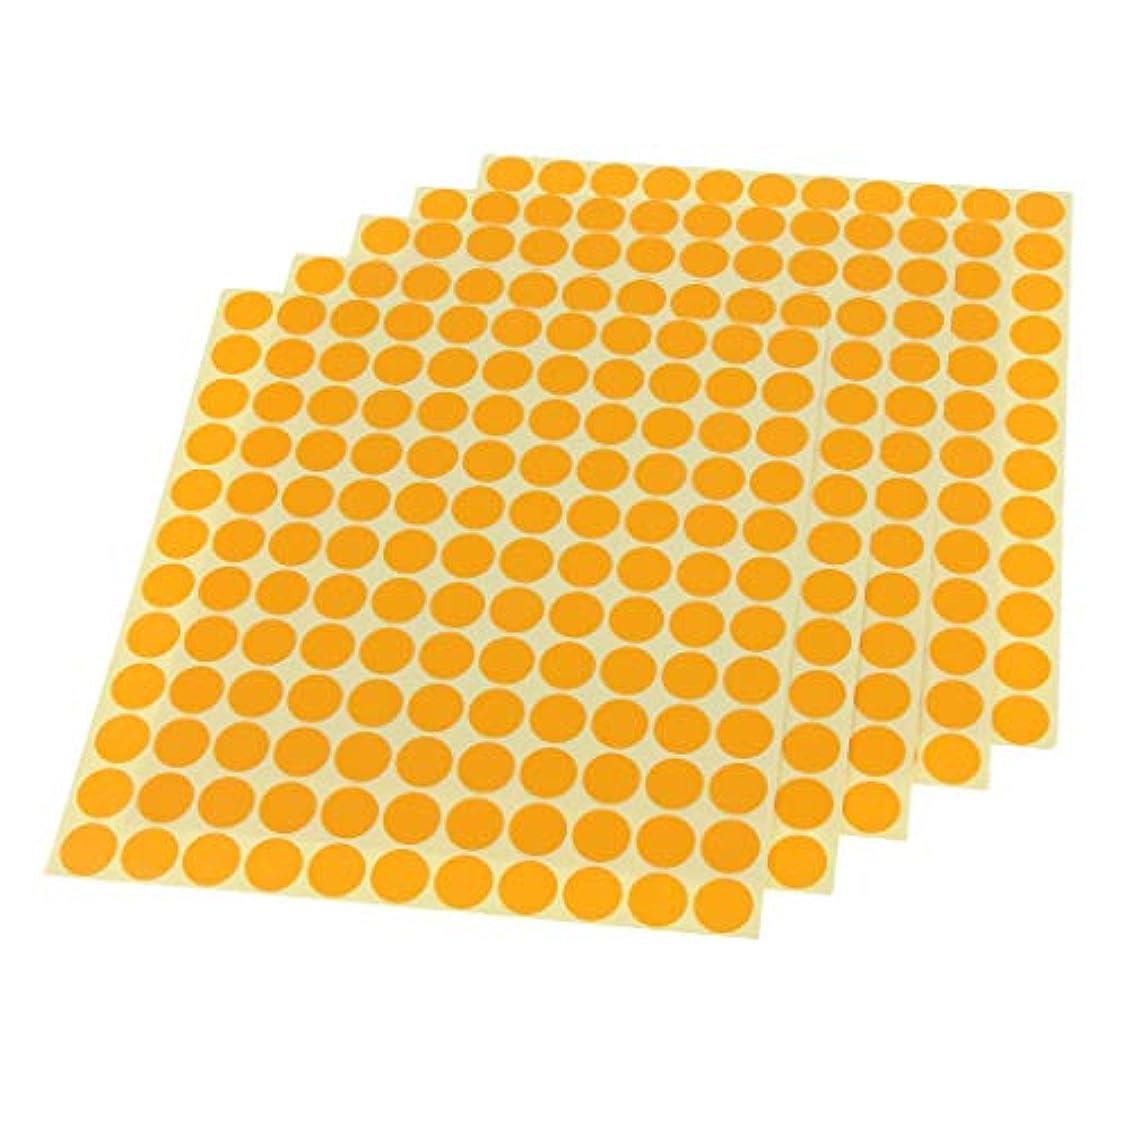 ゲージメイト実用的5個入り ラベルシート エッセンシャルオイル ボトル 貼り付け ステッカー 自己接着ラベル 防水耐油 - オレンジ